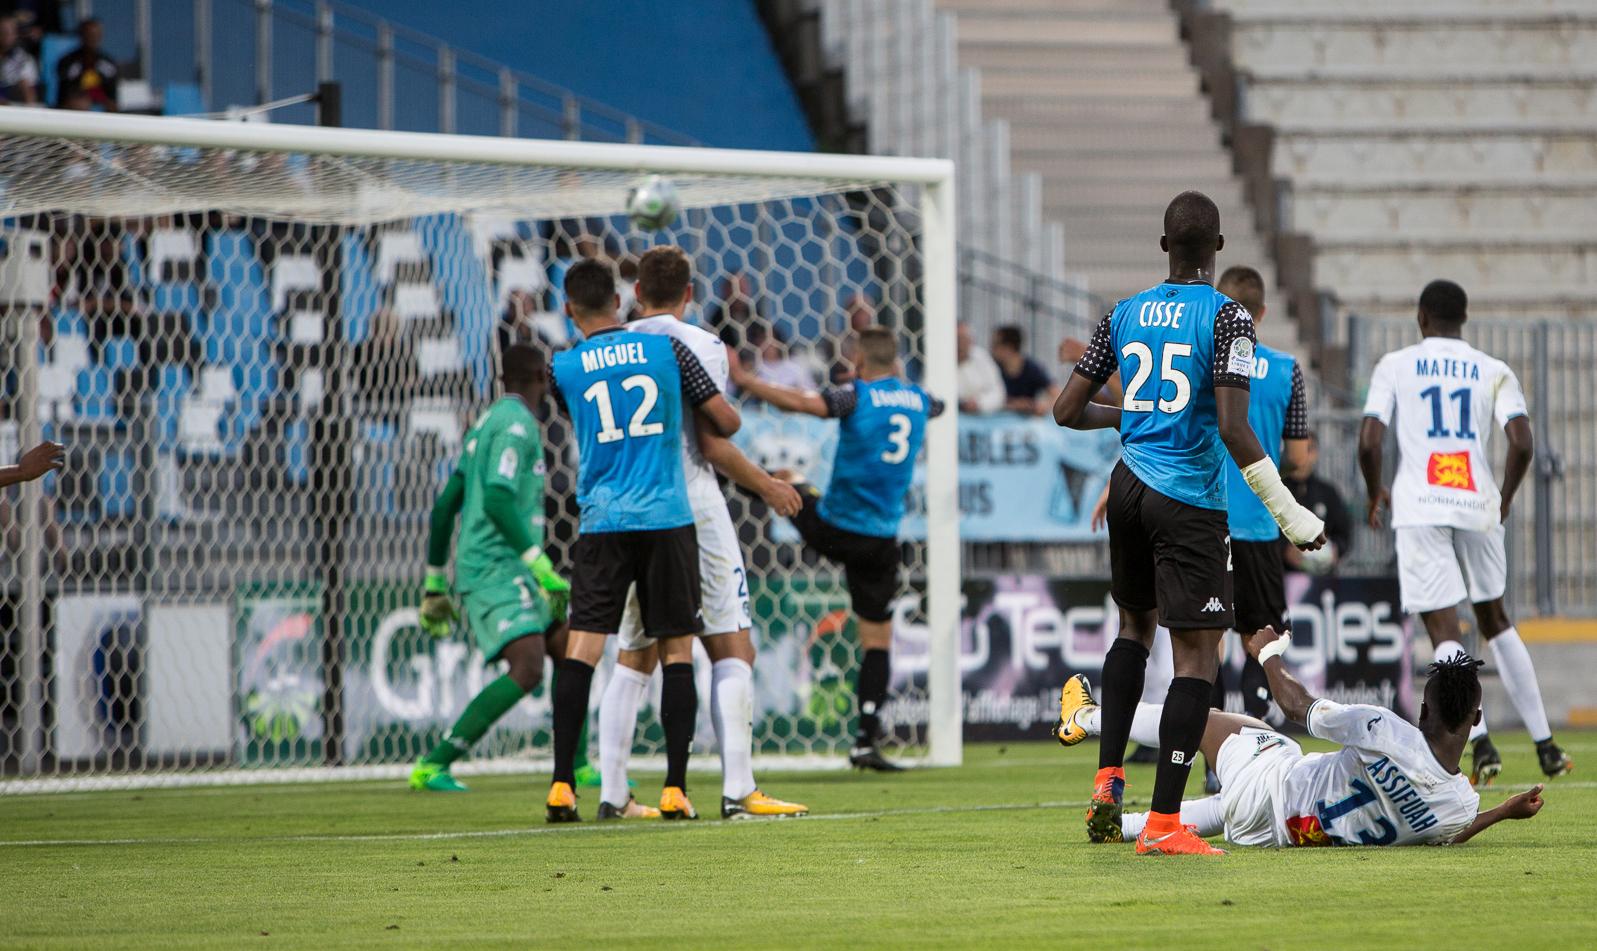 Ligue 2, GFC Ajaccio-Le Havre 14 dicembre: analisi e pronostico della giornata della seconda divisione calcistica francese